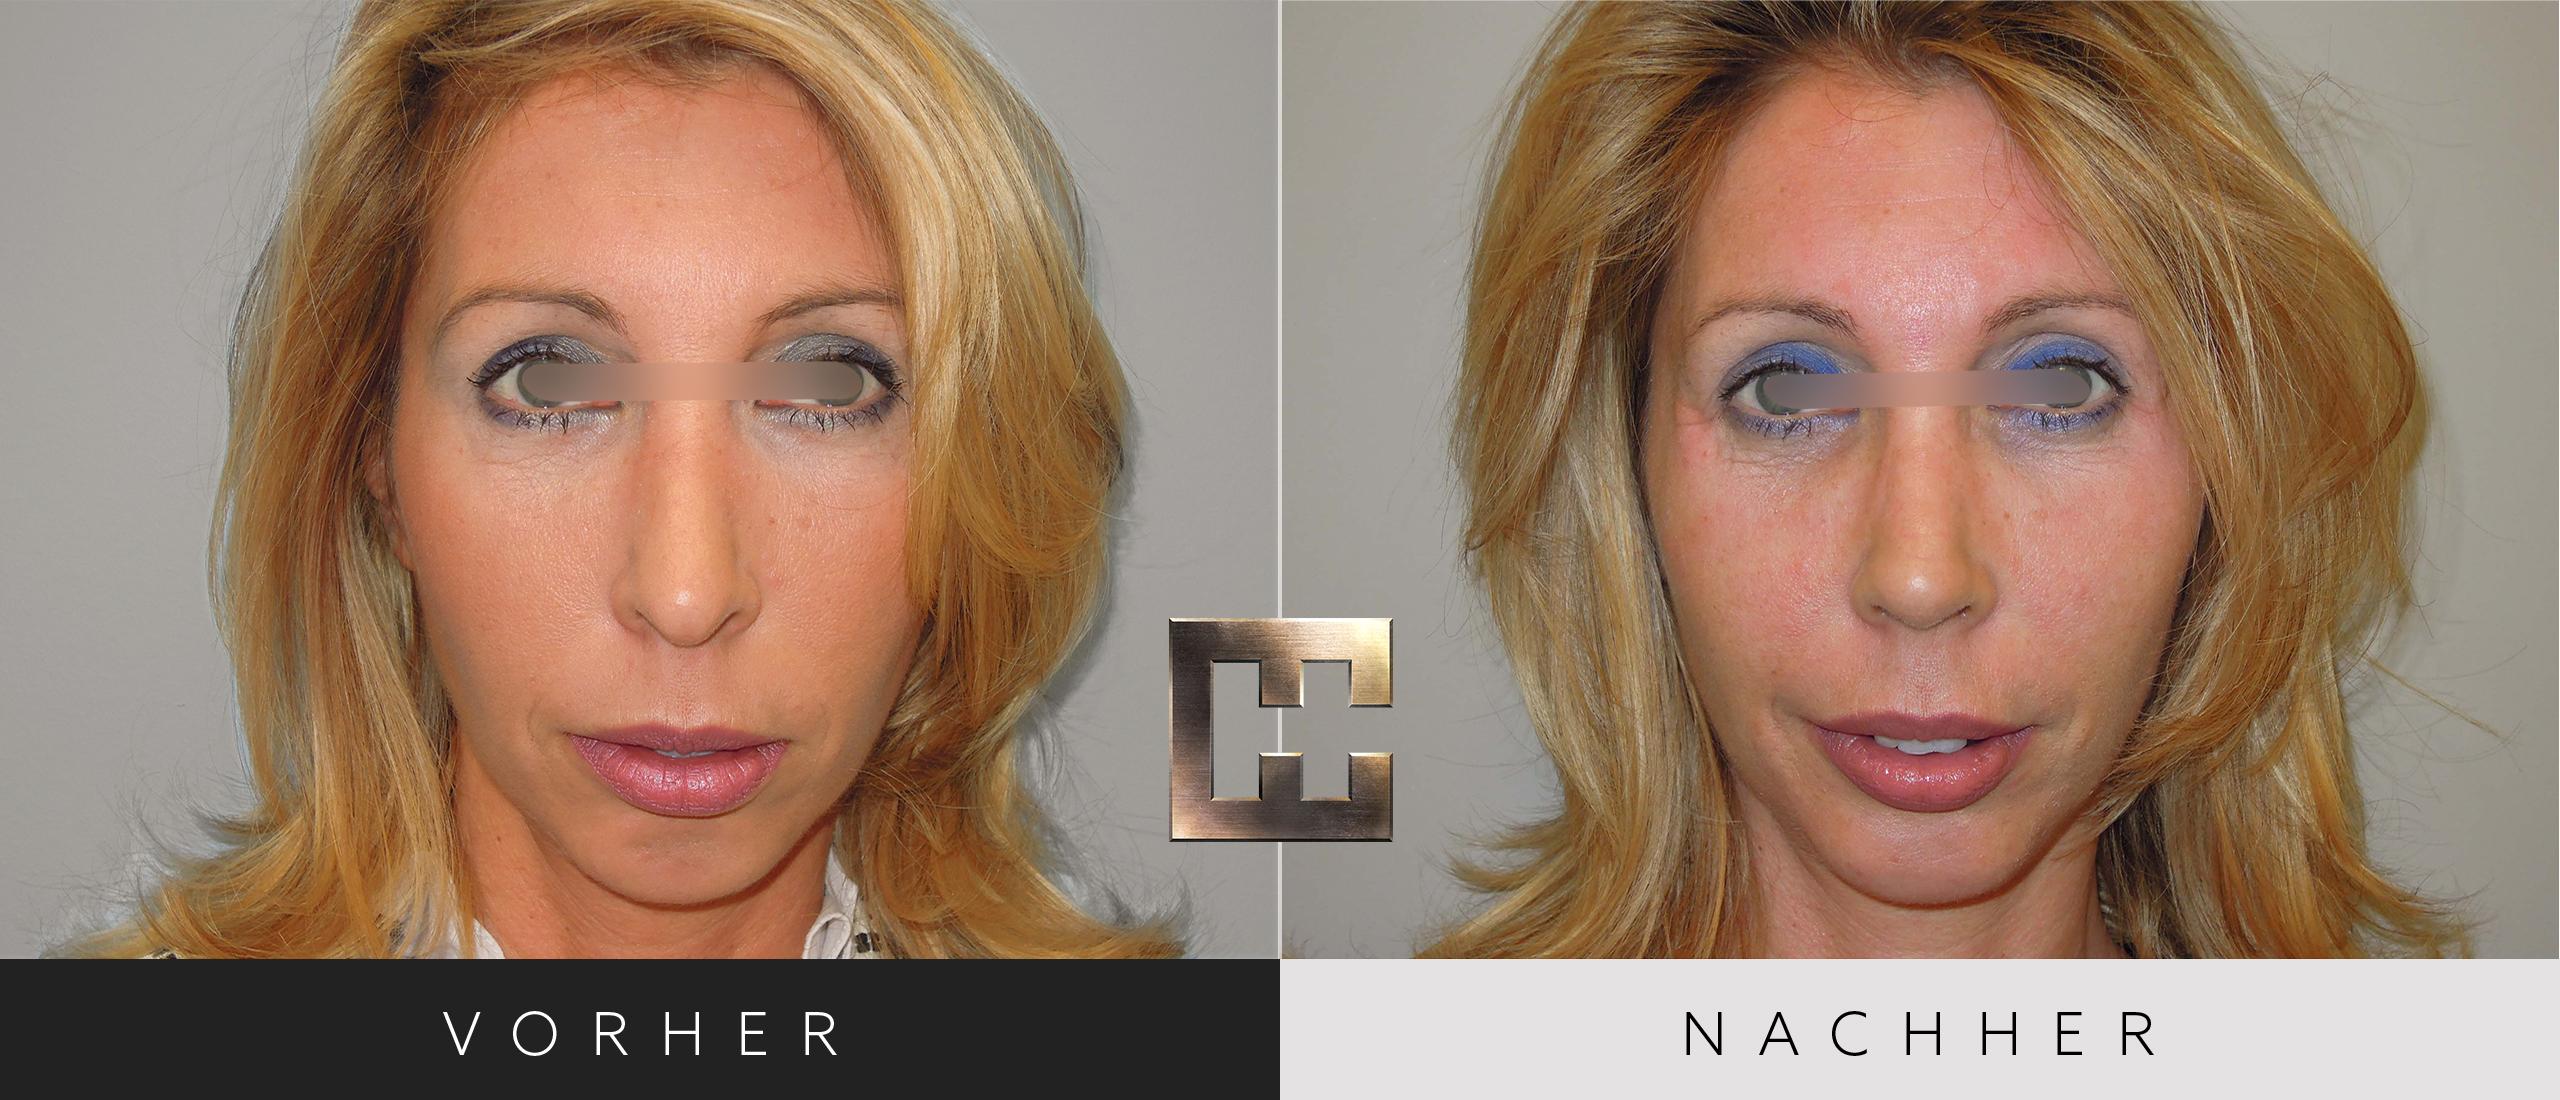 Nasenkorrektur vorher nachher frauen